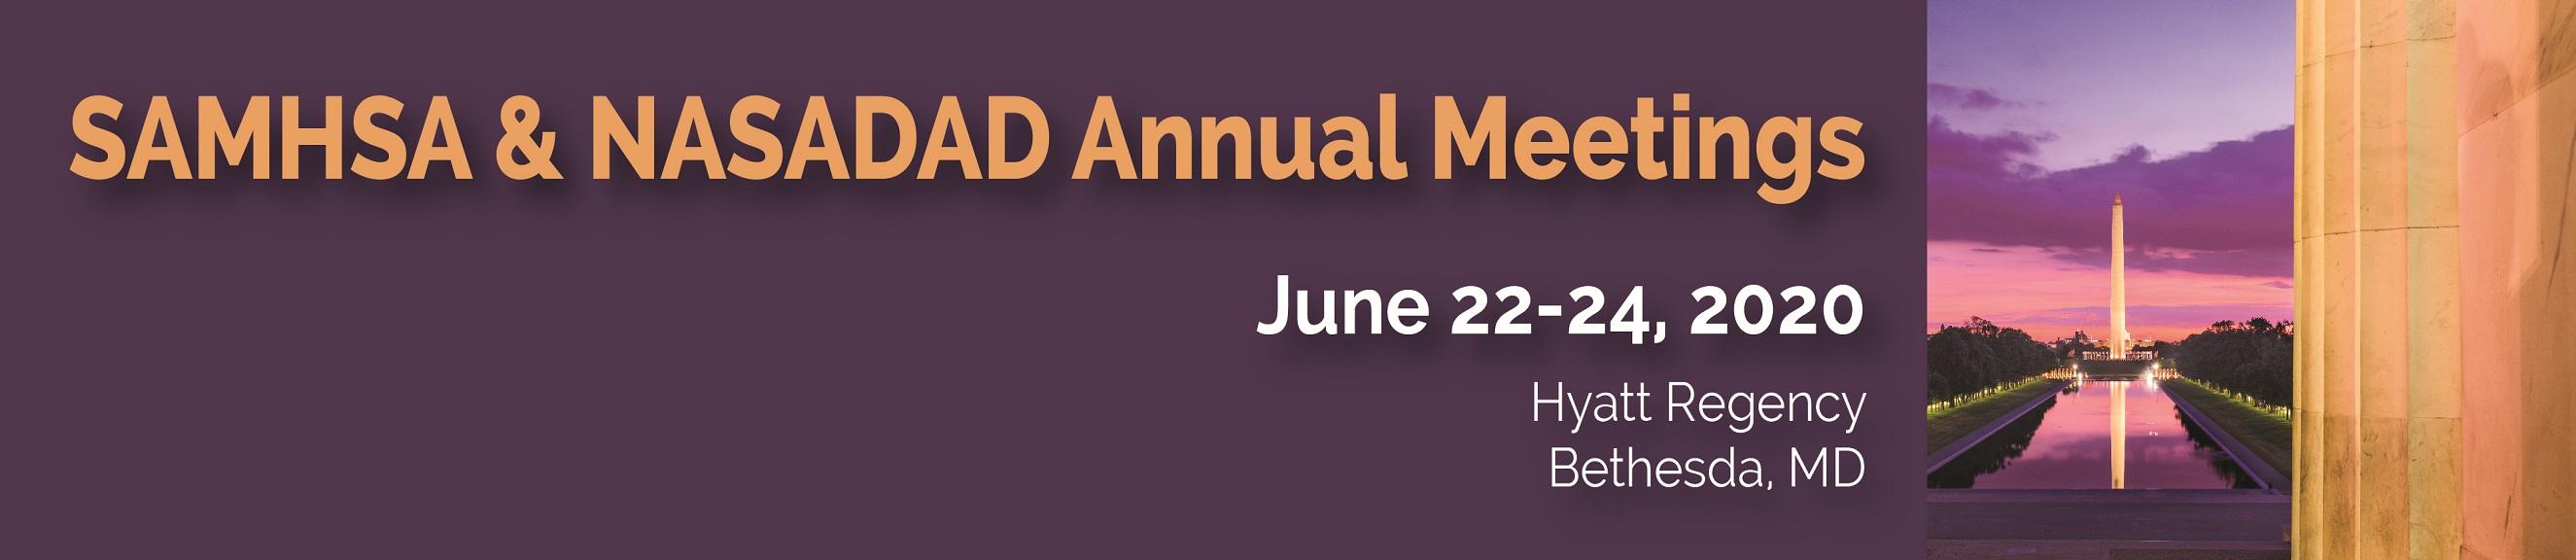 SAMHSA and NASADAD Annual Meetings - Public